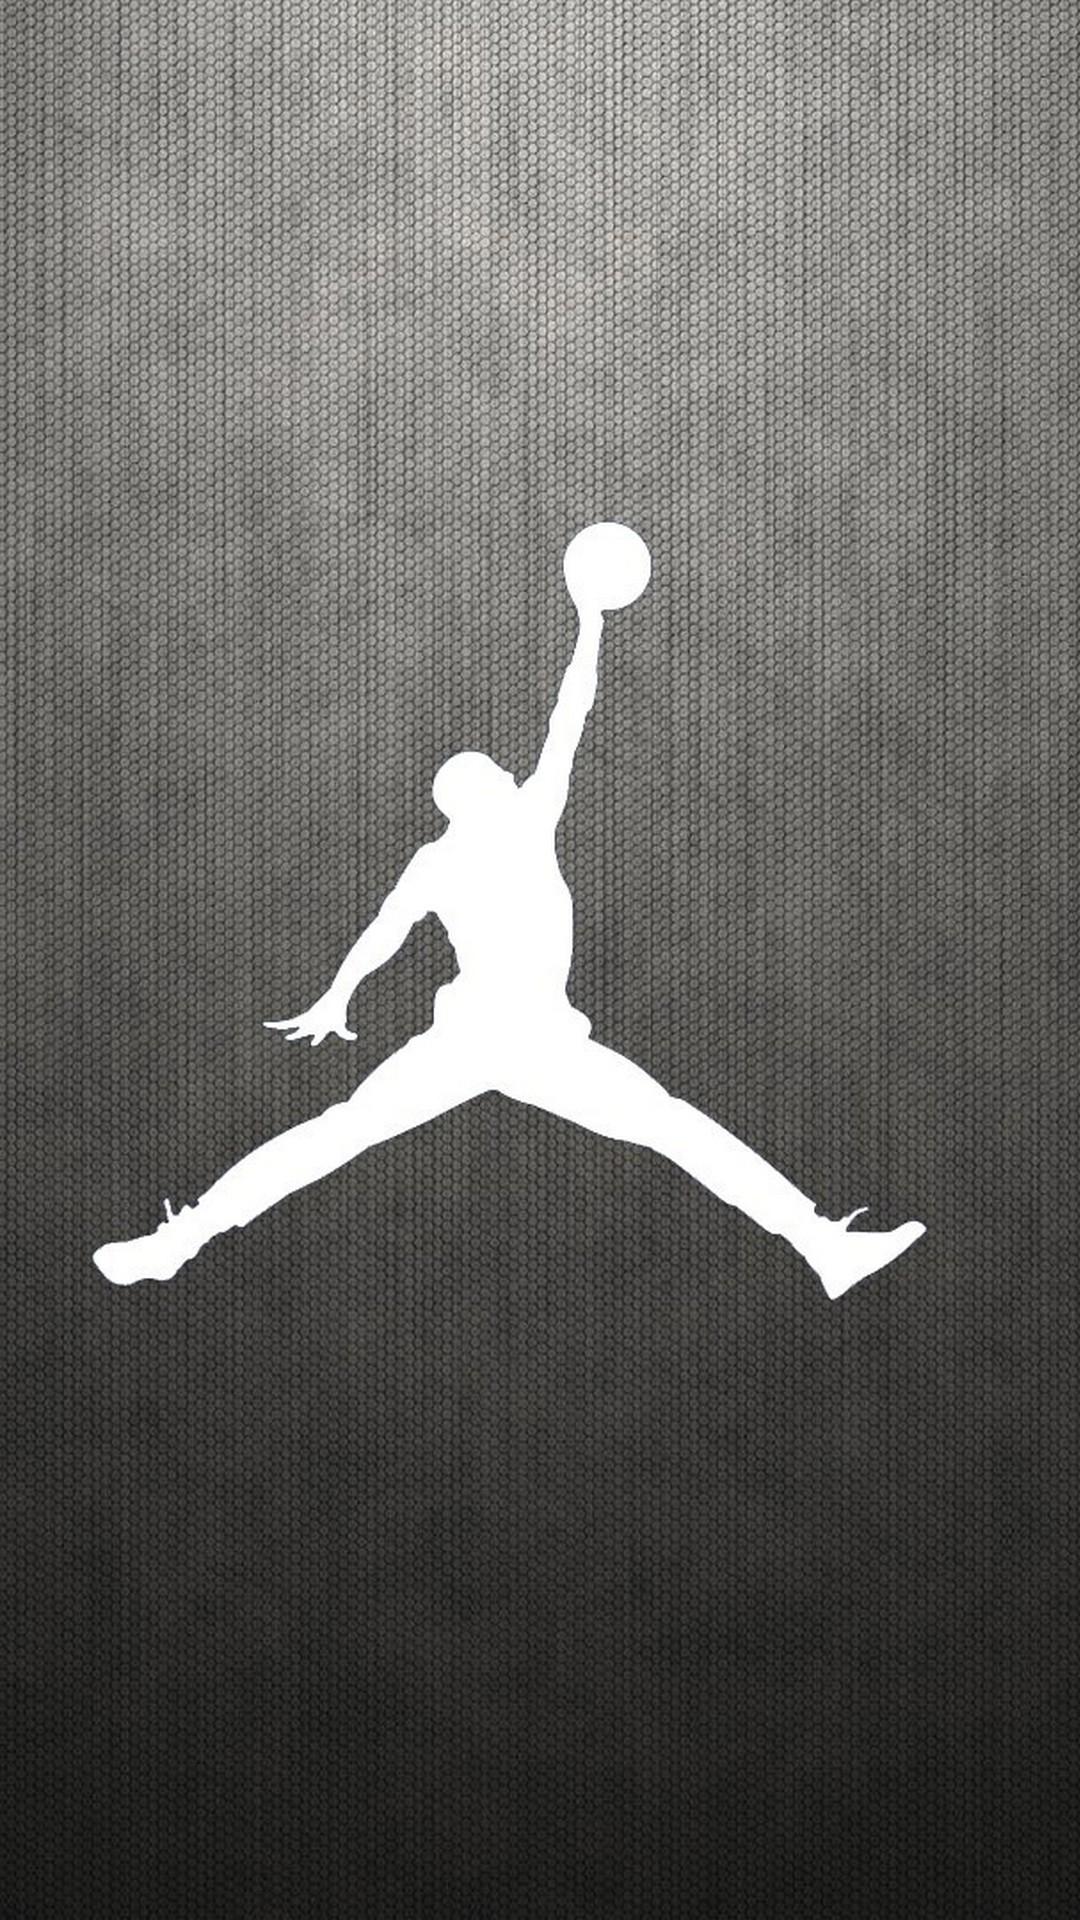 iPhone Wallpaper HD NBA 2020 Basketball Wallpaper 1080x1920